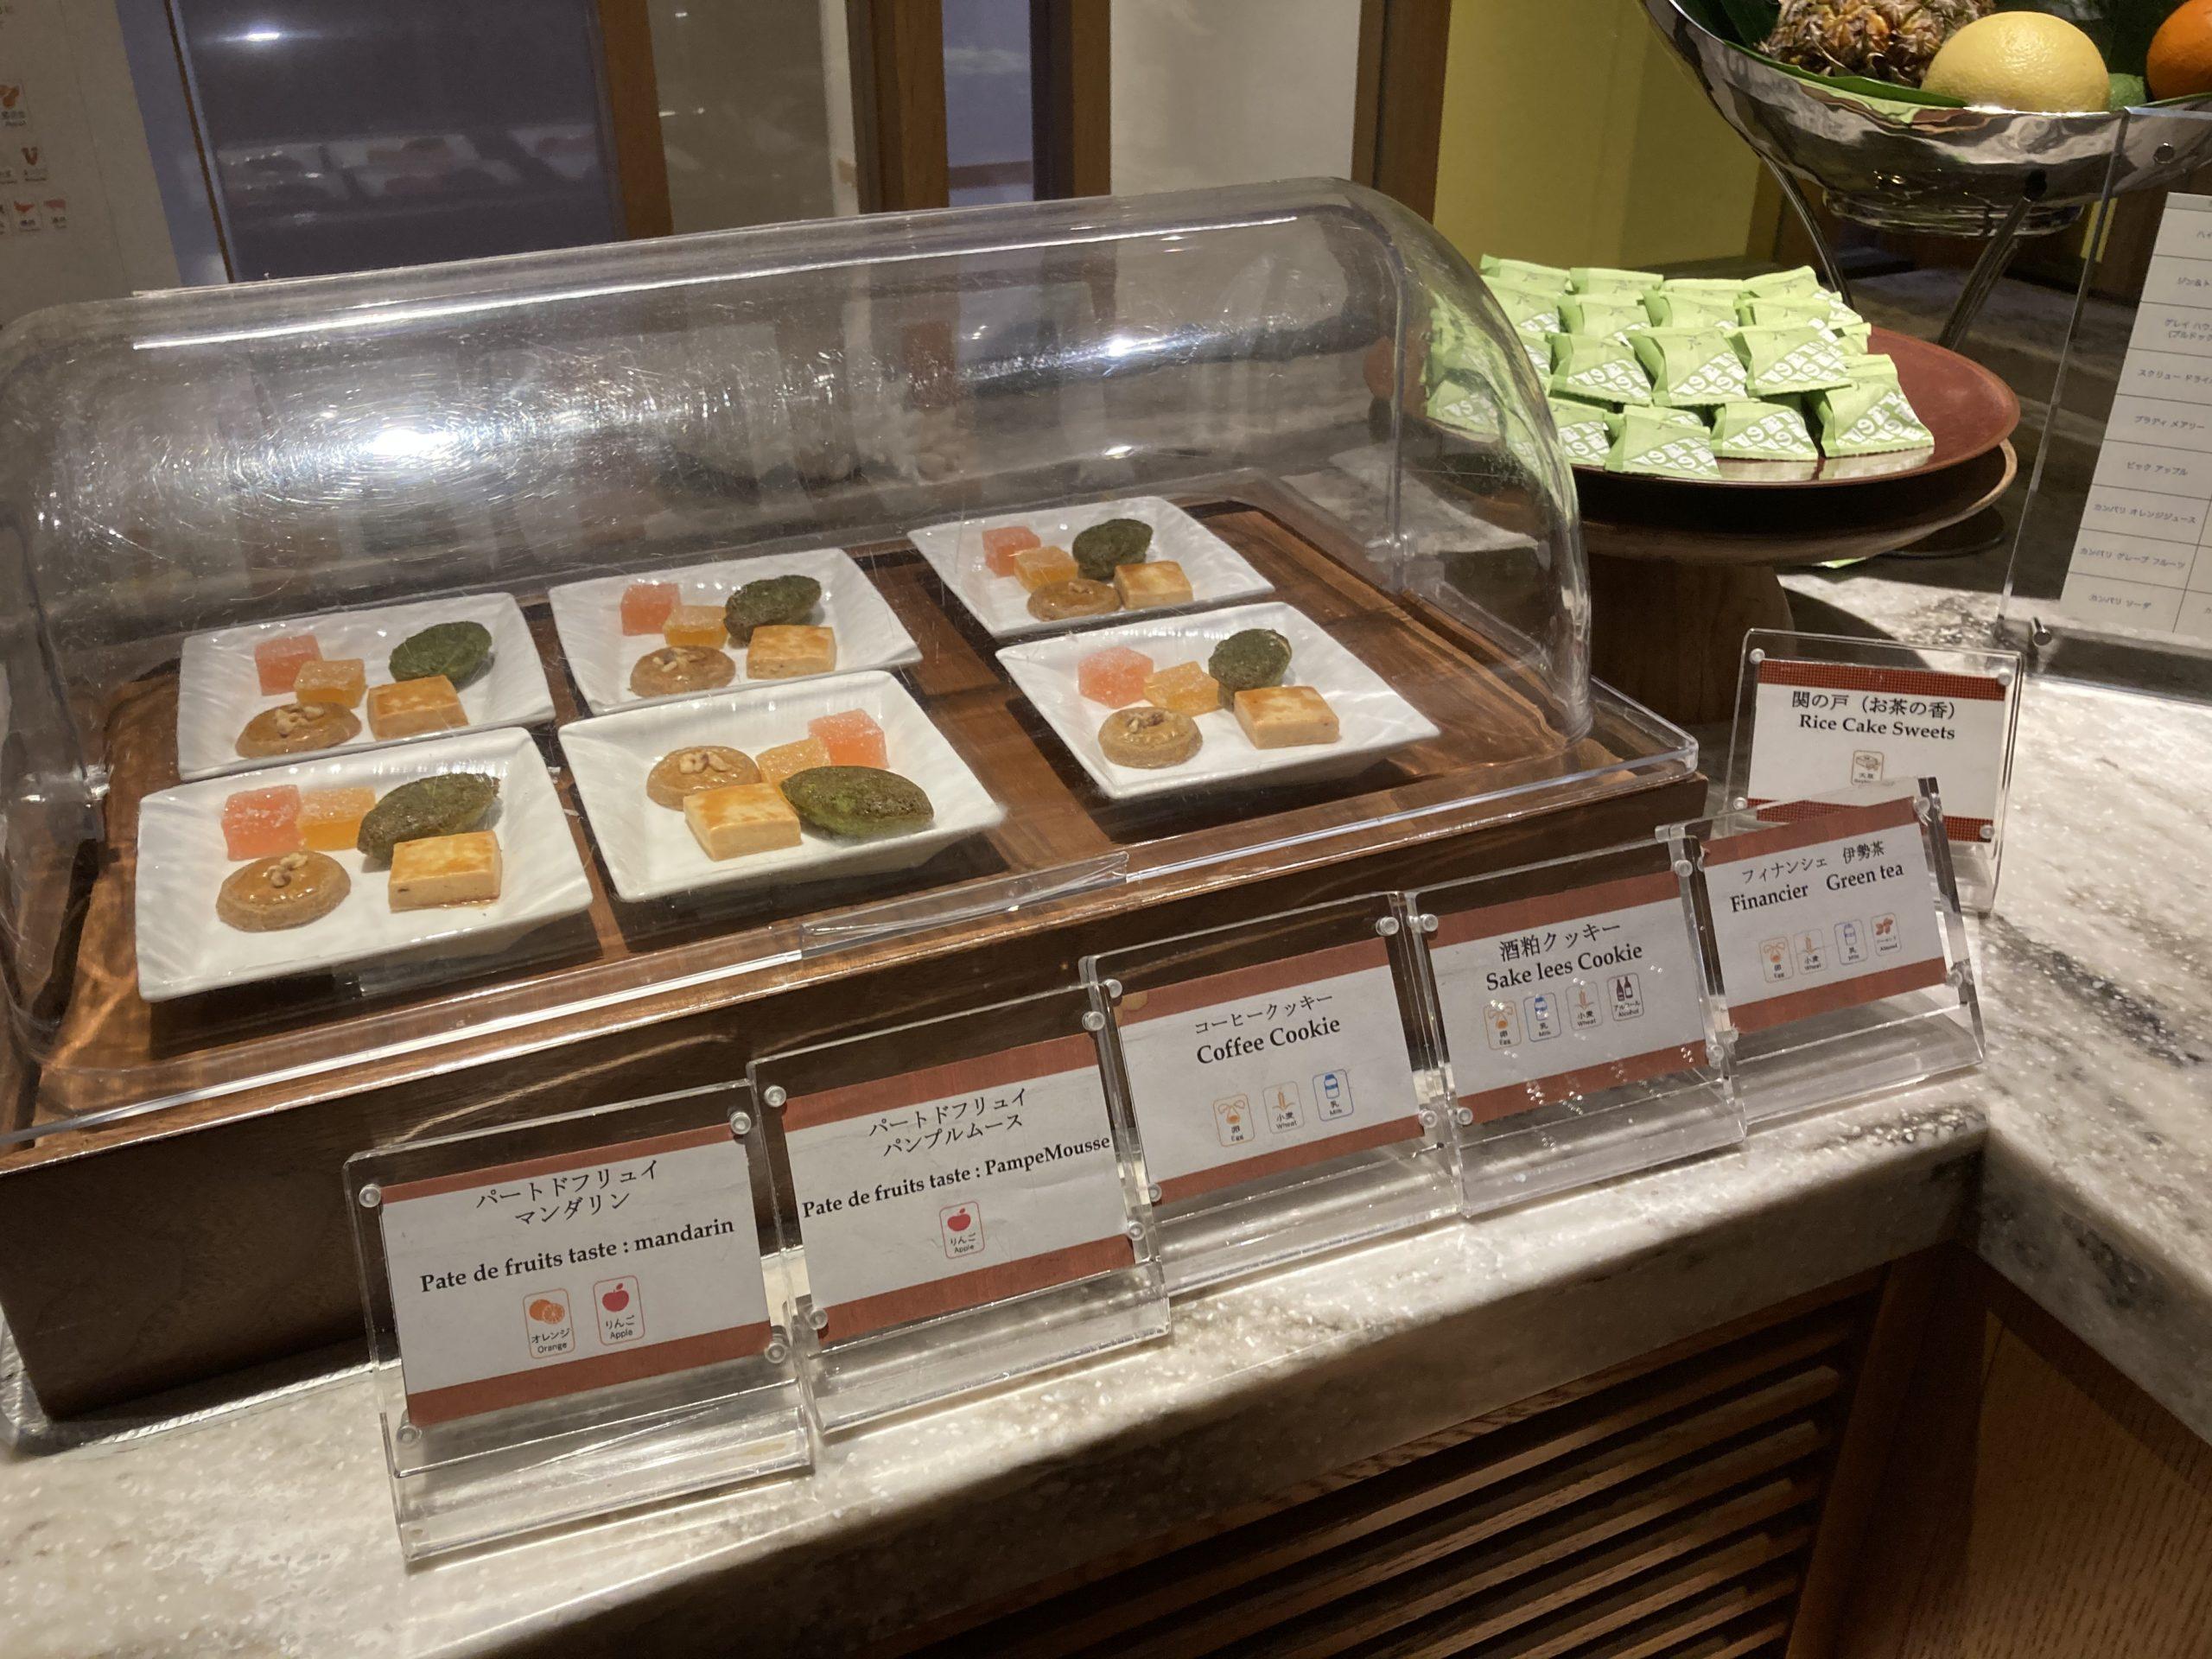 伊勢志摩サミット開催ホテル!志摩観光ホテルで旅ヨガを満喫する方法